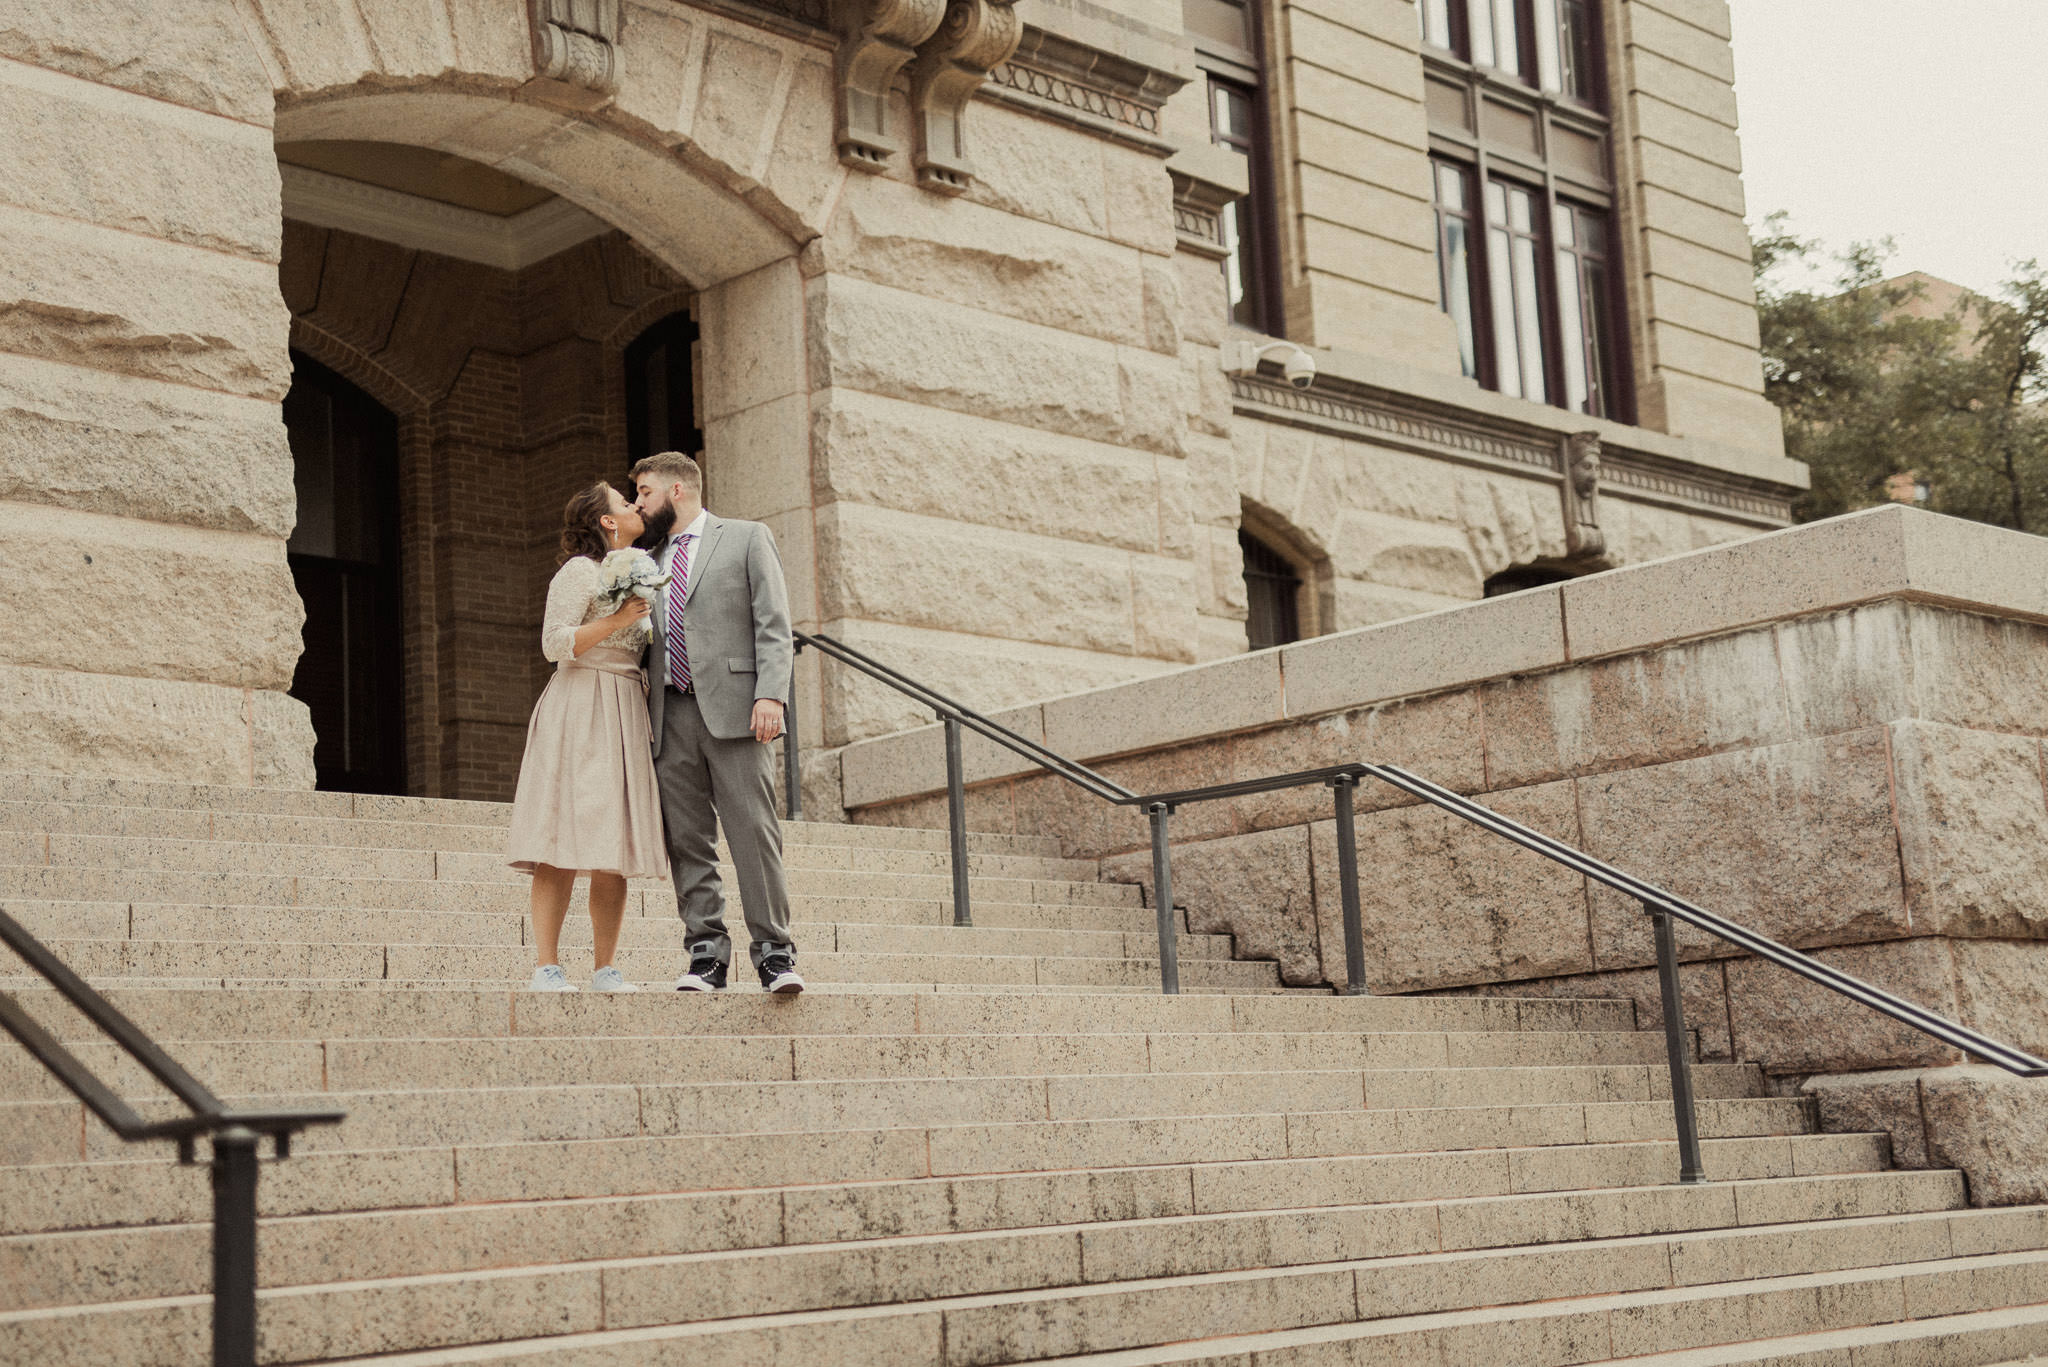 houston-1910-historic-courthouse-wedding